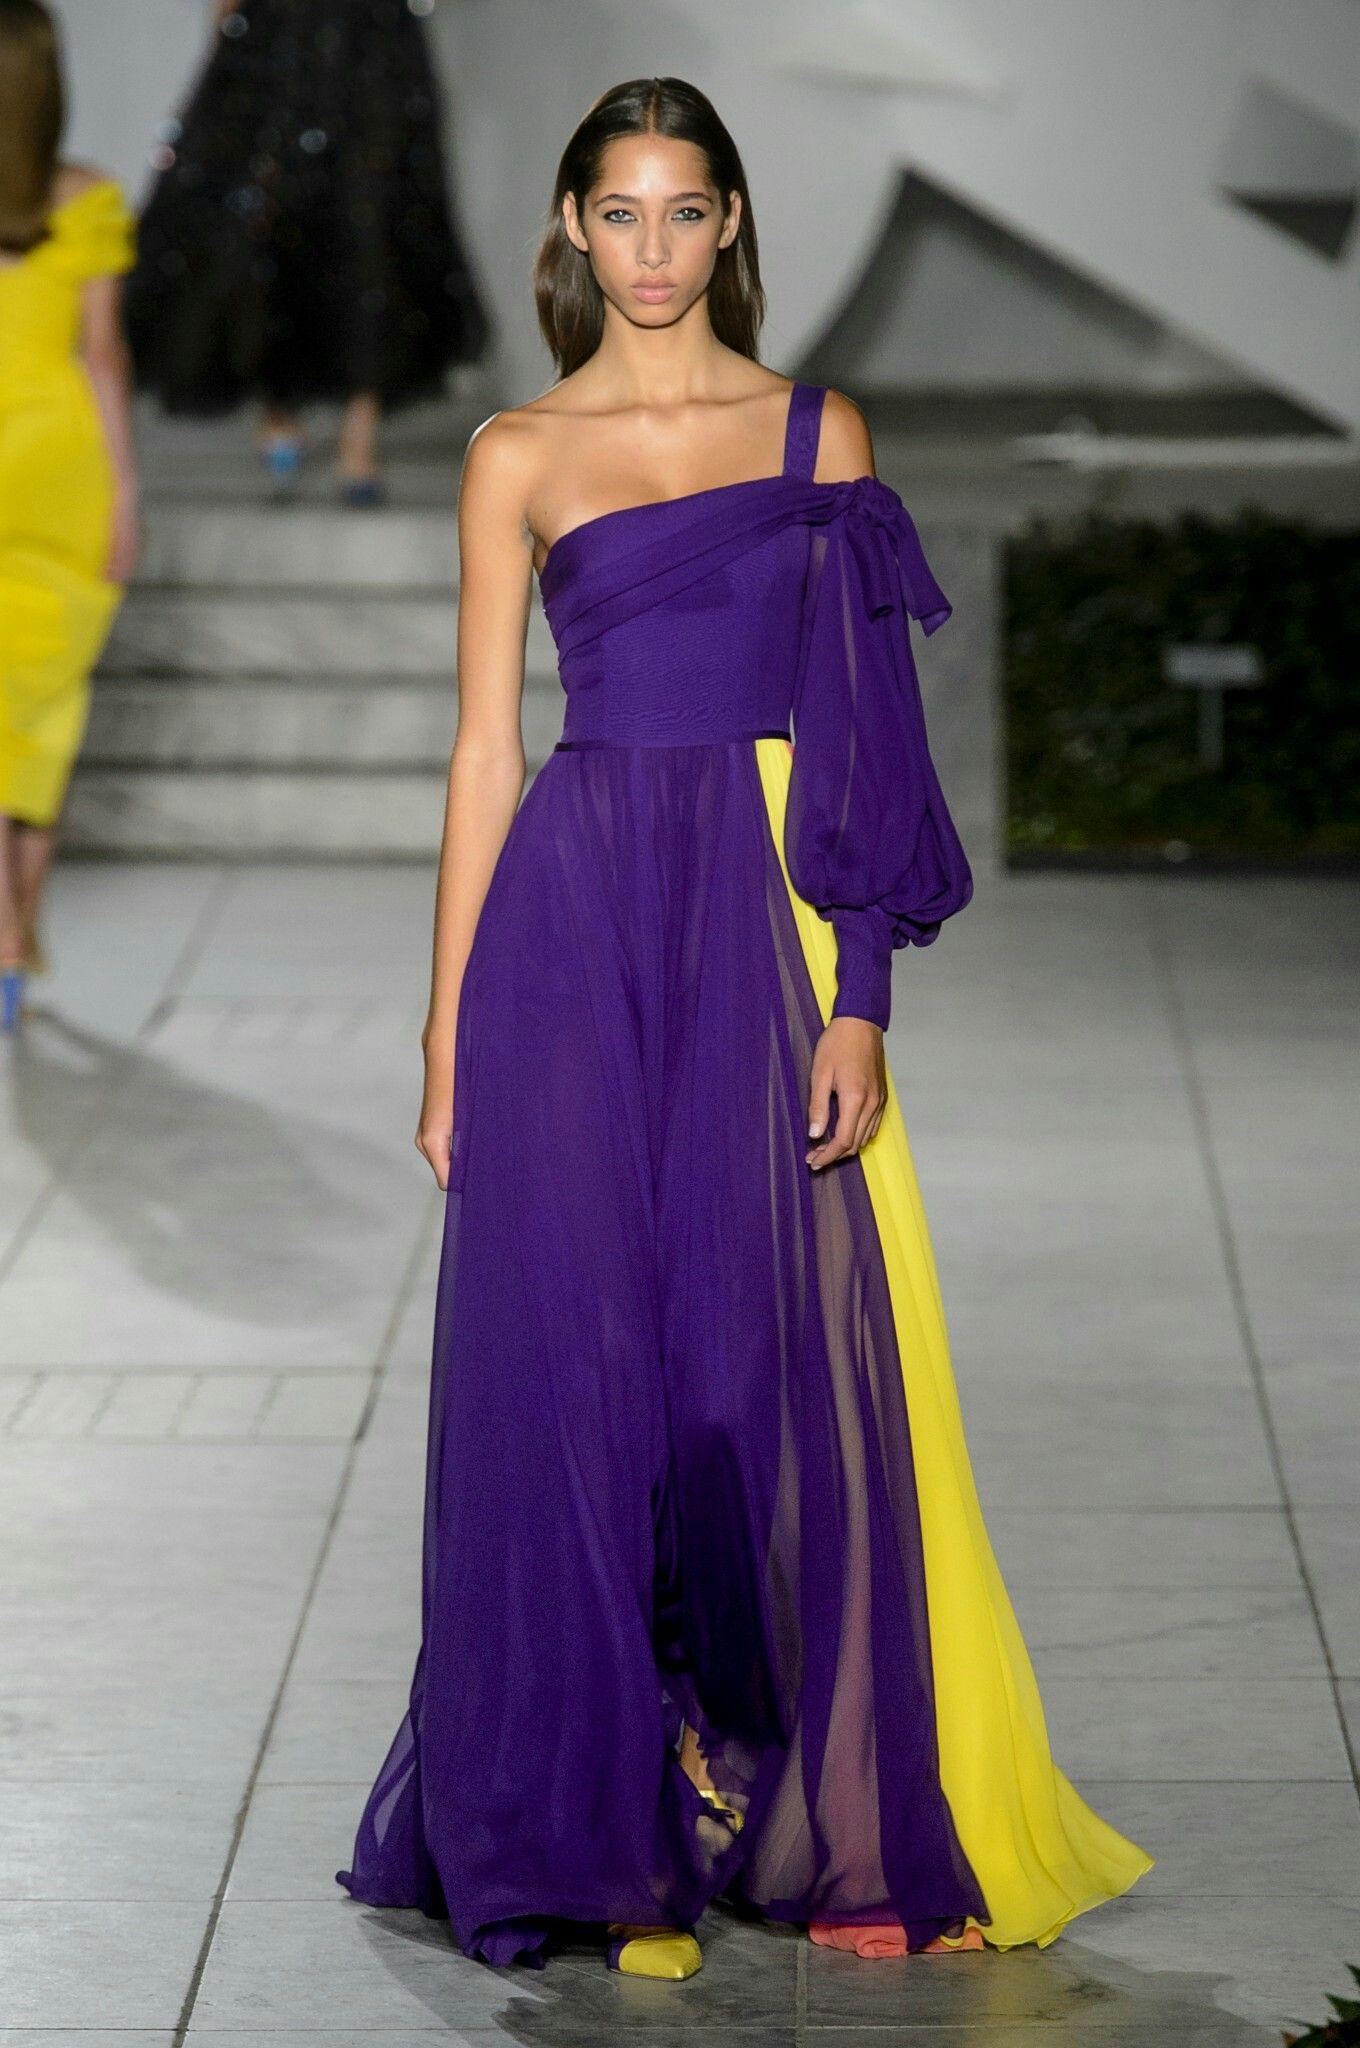 Bonito Vestidos De Playa Invitado A La Boda Composición - Vestido de ...